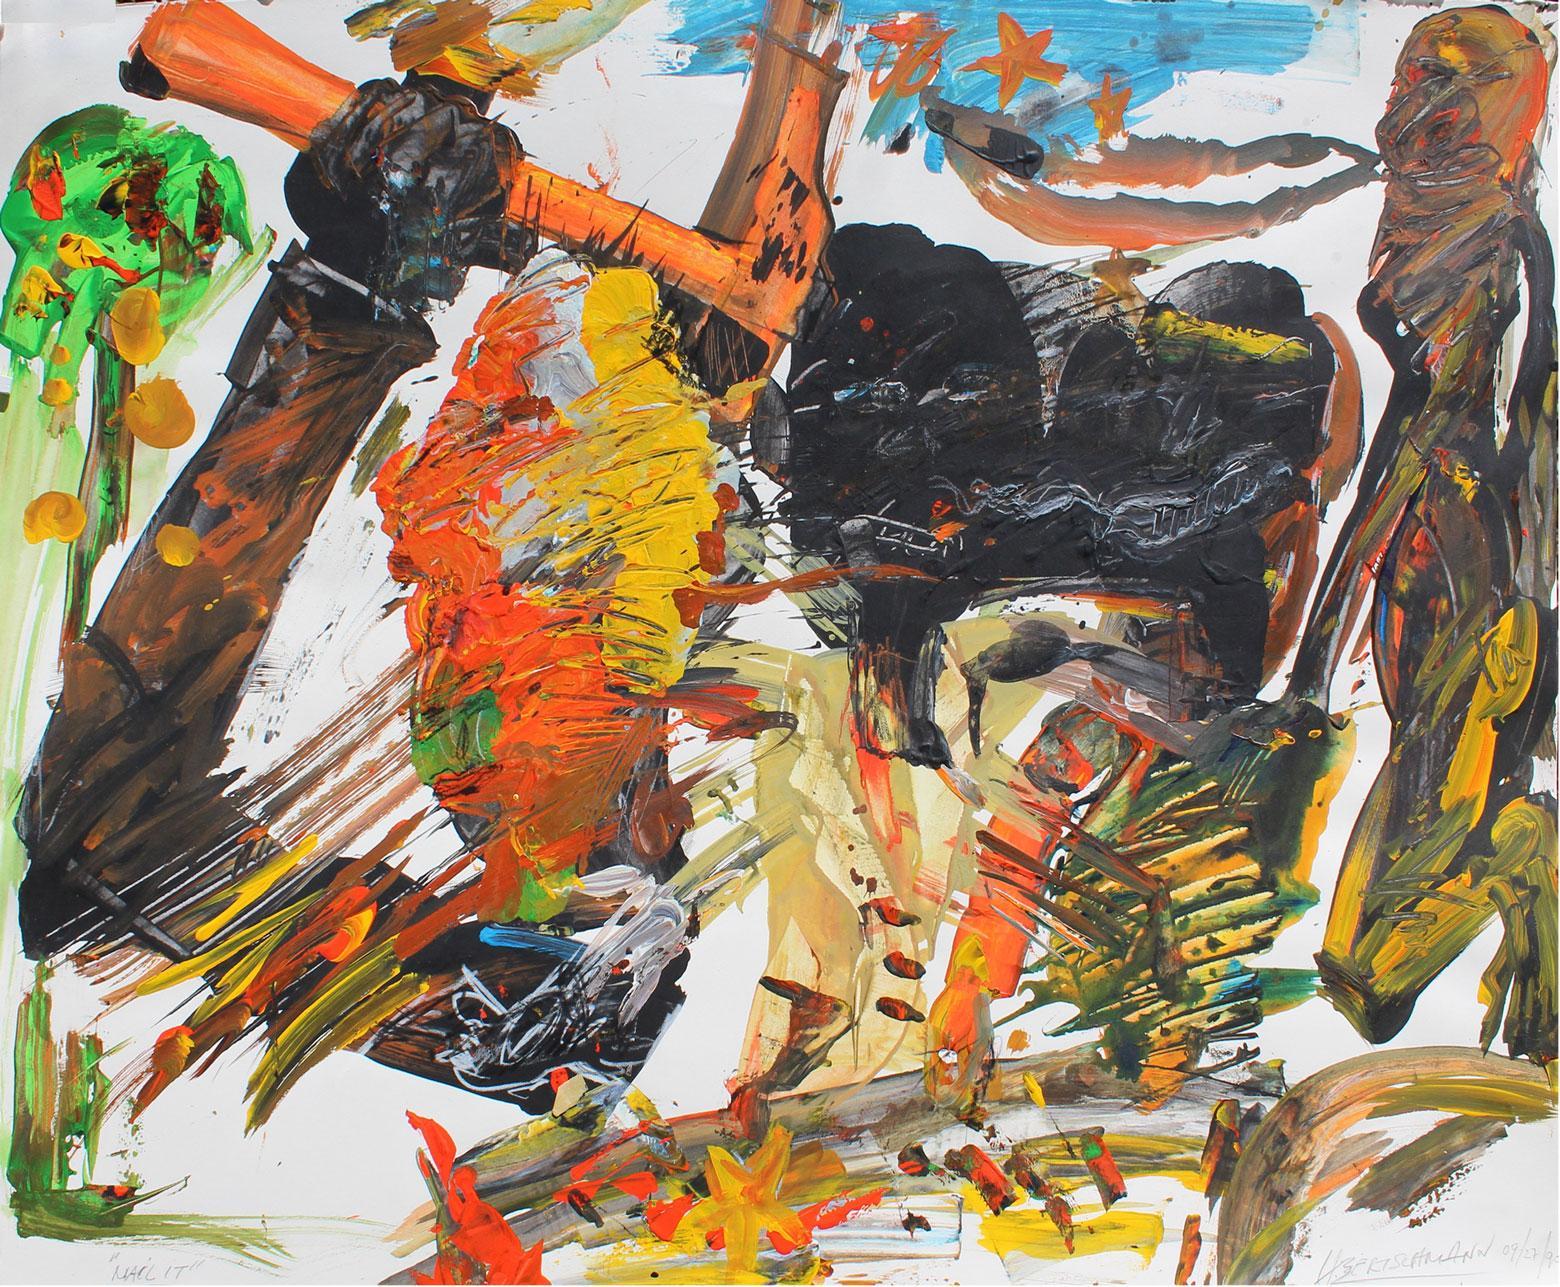 Nail It, 1990 (Peck Slip)